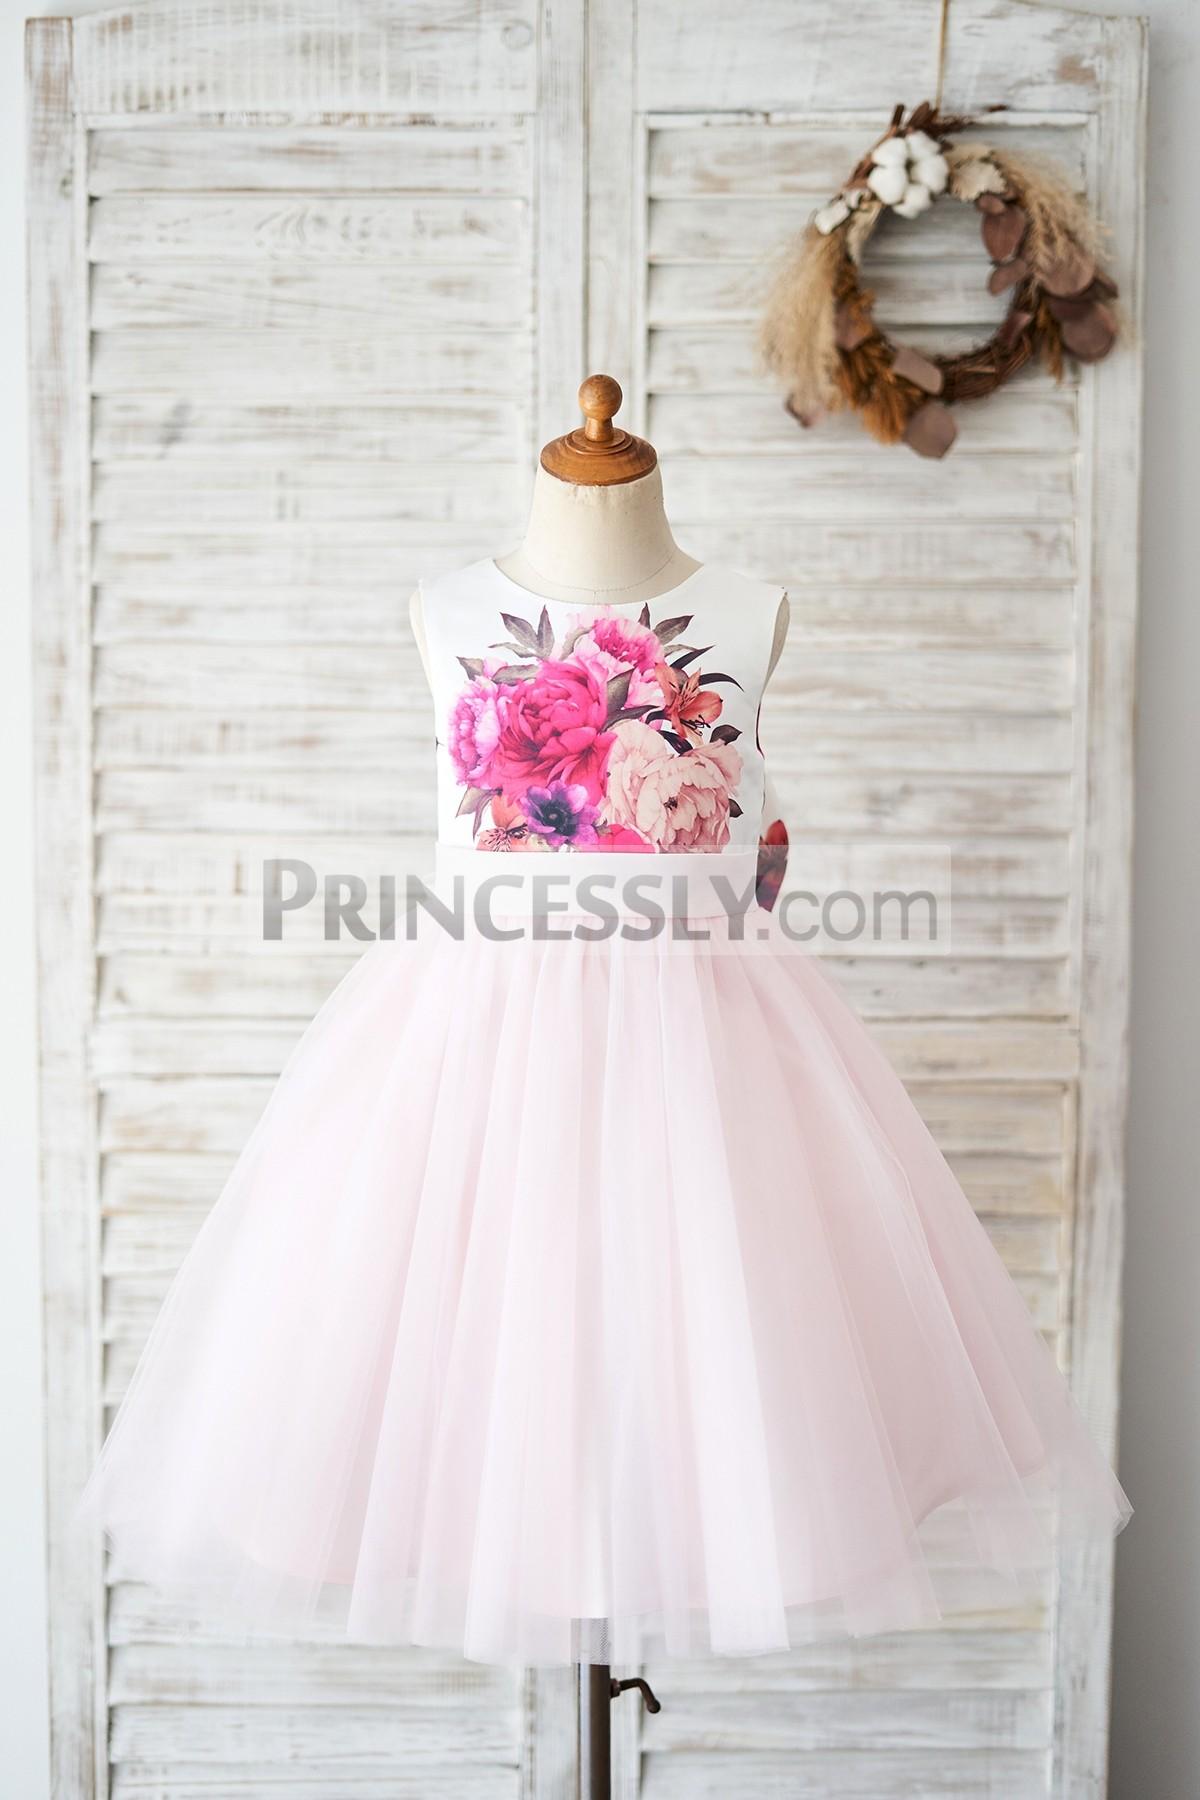 Princessly.com-K1004031-Floral Print Satin Pink Tulle V Back Wedding Flower Girl Dress-31